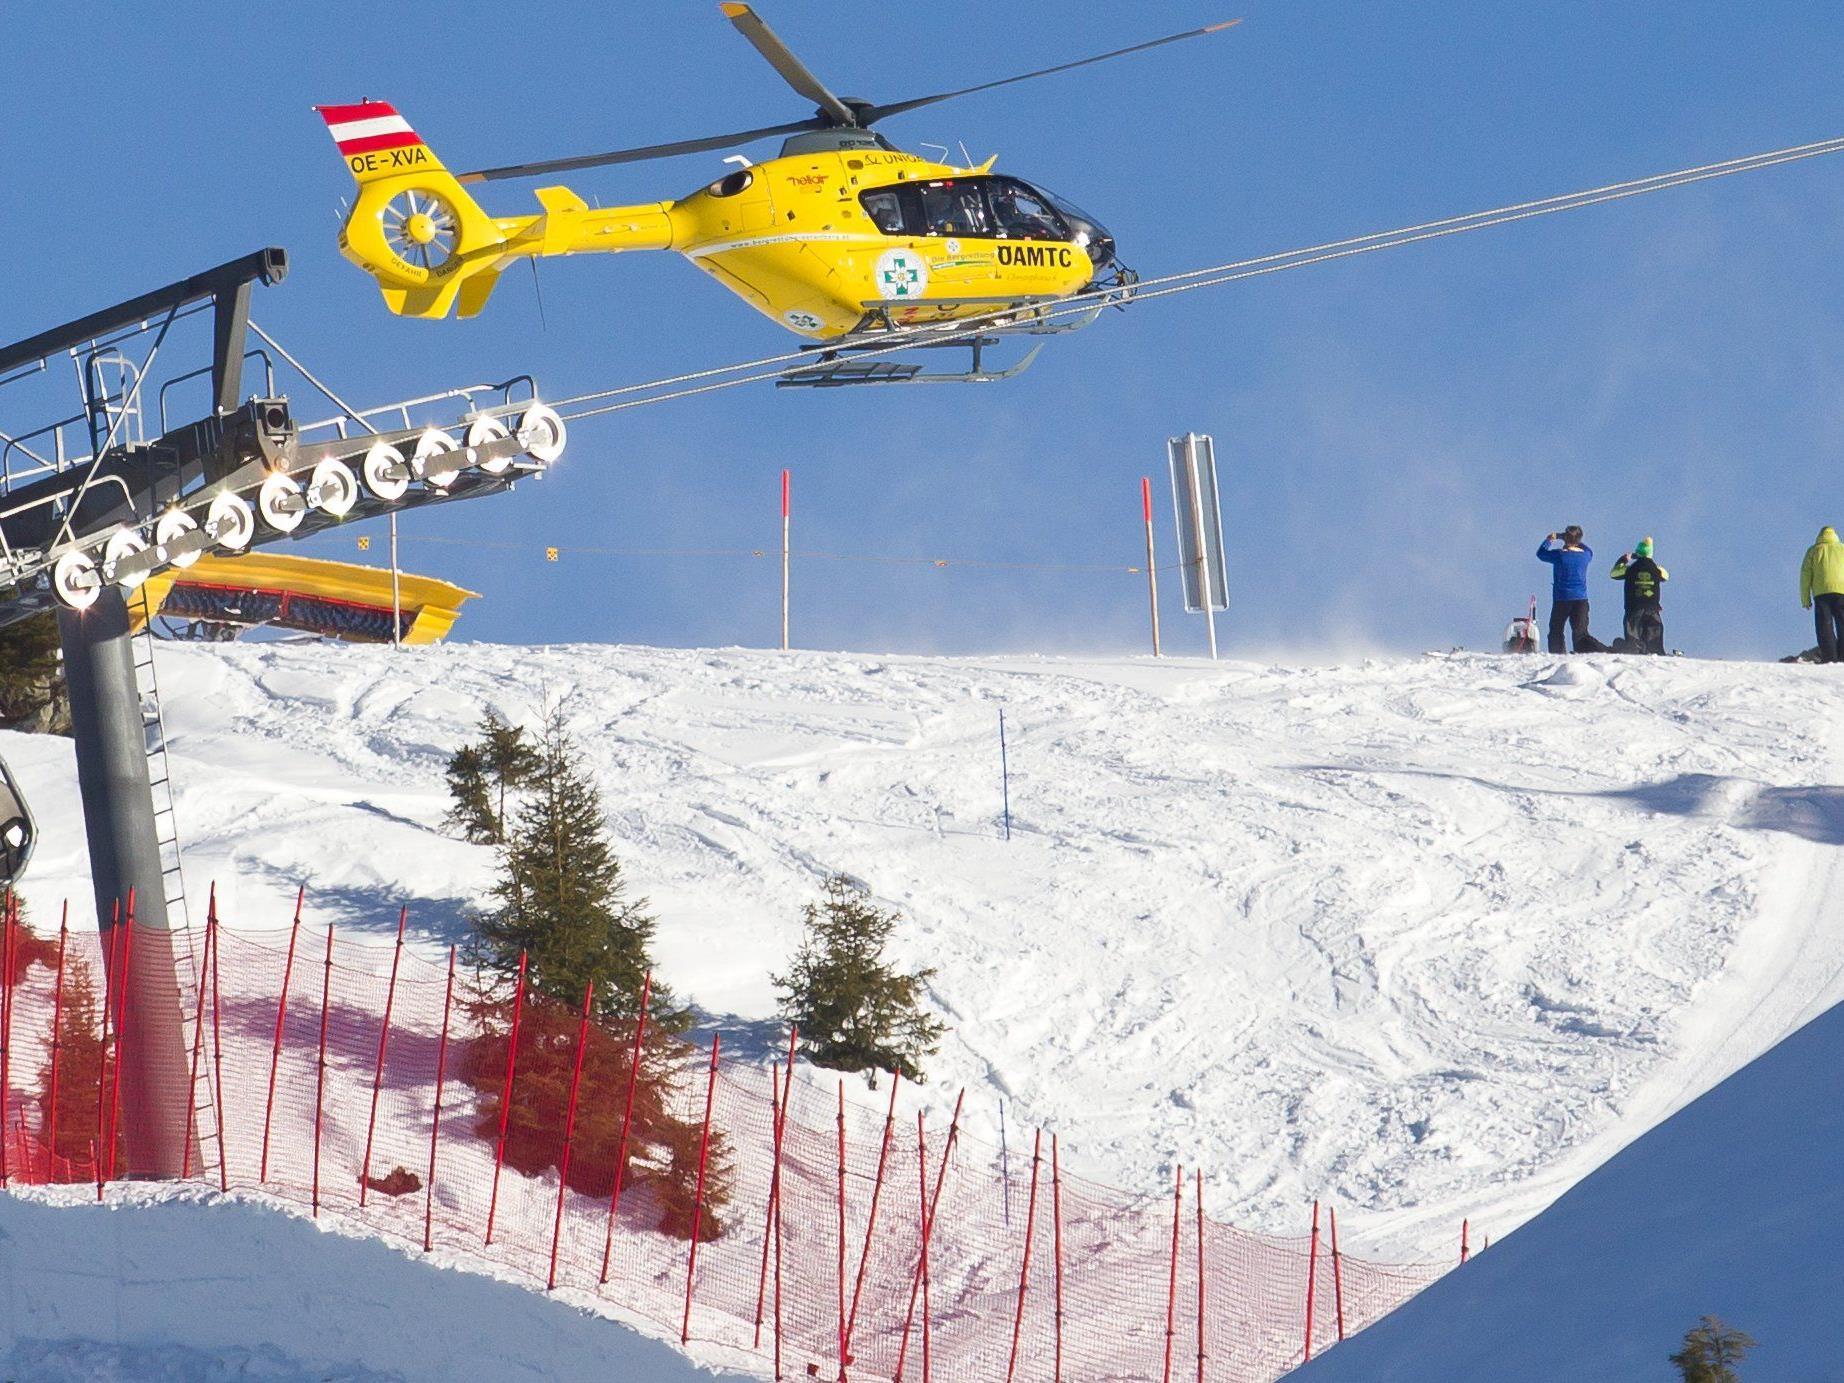 Michael Hämmerle wird nach einem Sturz mit dem Hubschrauber C8 abstransportiert.